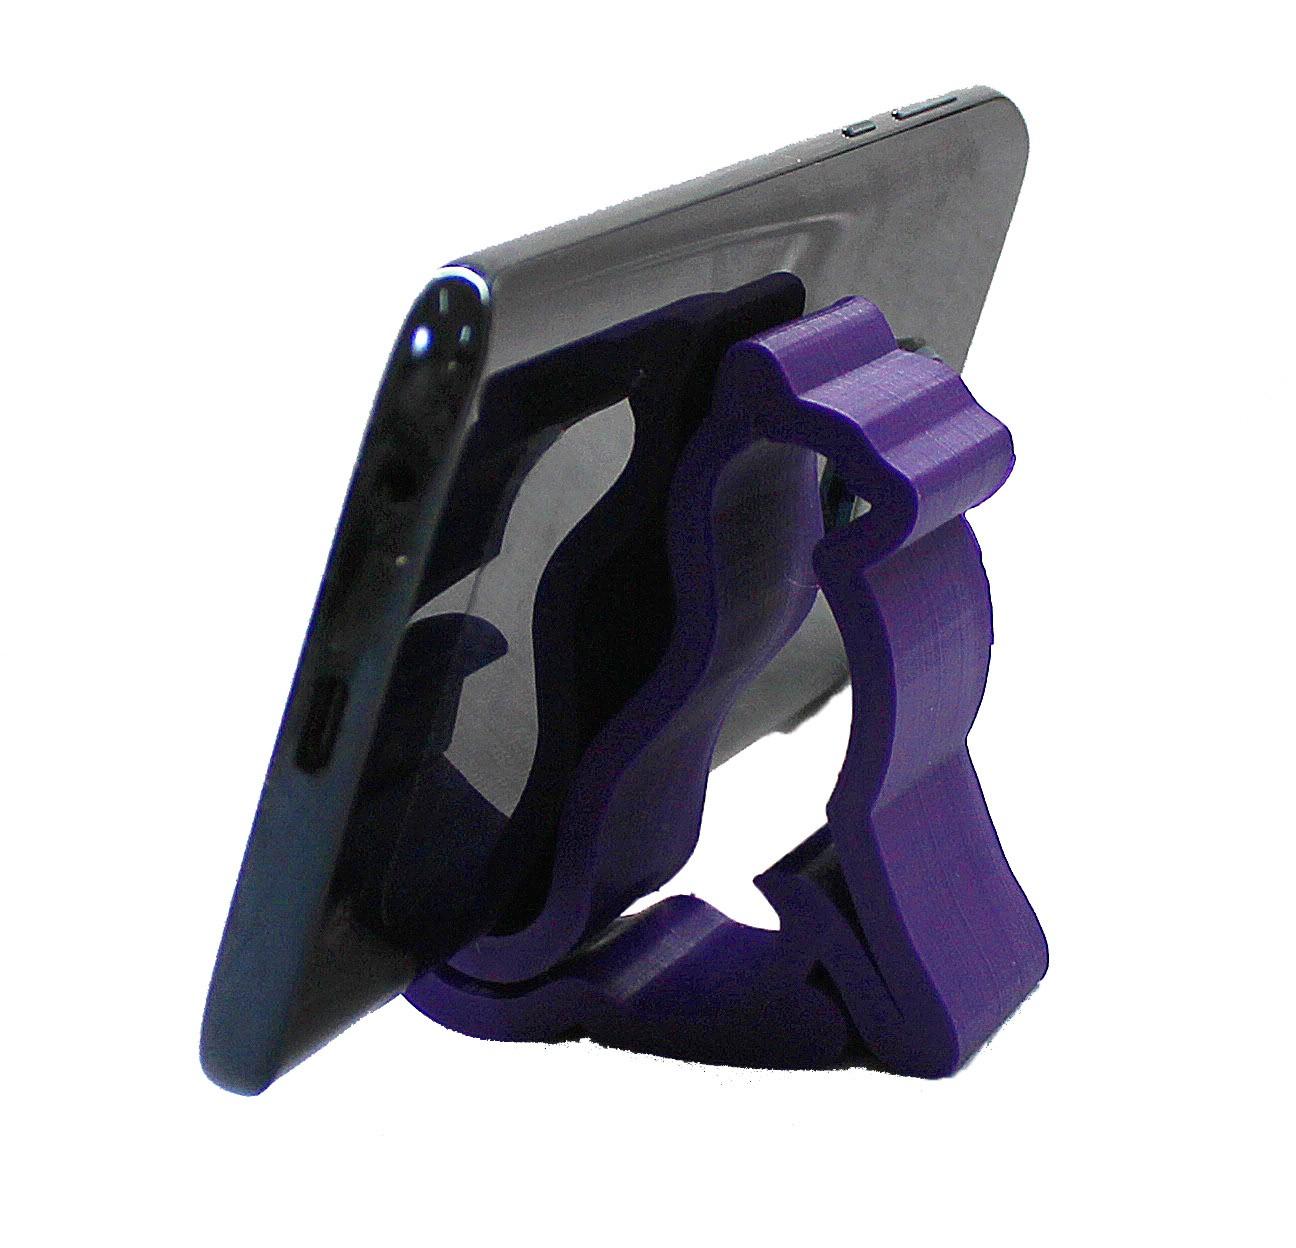 Suporte de celular Gato para mesa Display Apoio Smartphone  - Dragon Store